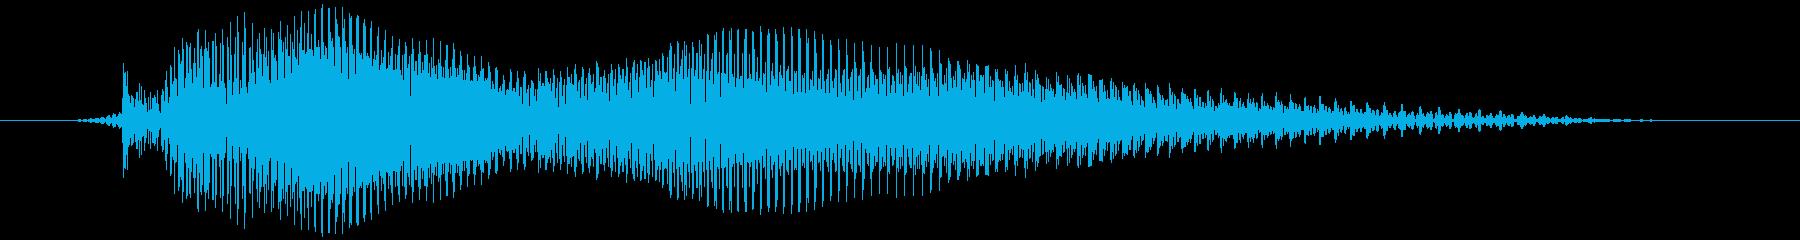 ゴーの再生済みの波形